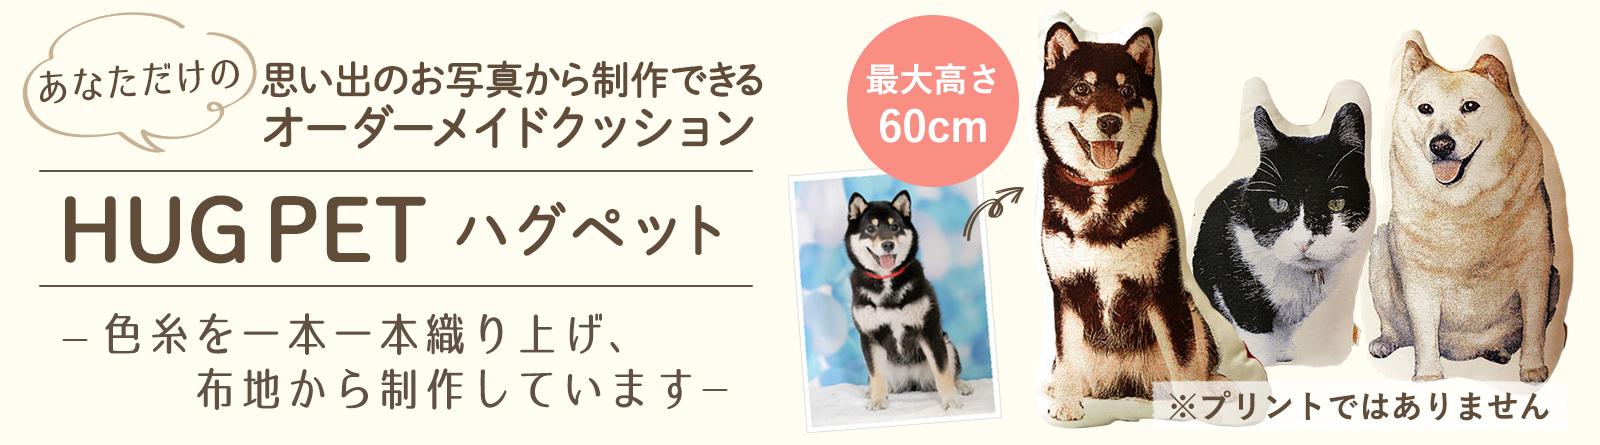 【織柄】HUG PET(ハグペット) オーダーメイドクッション